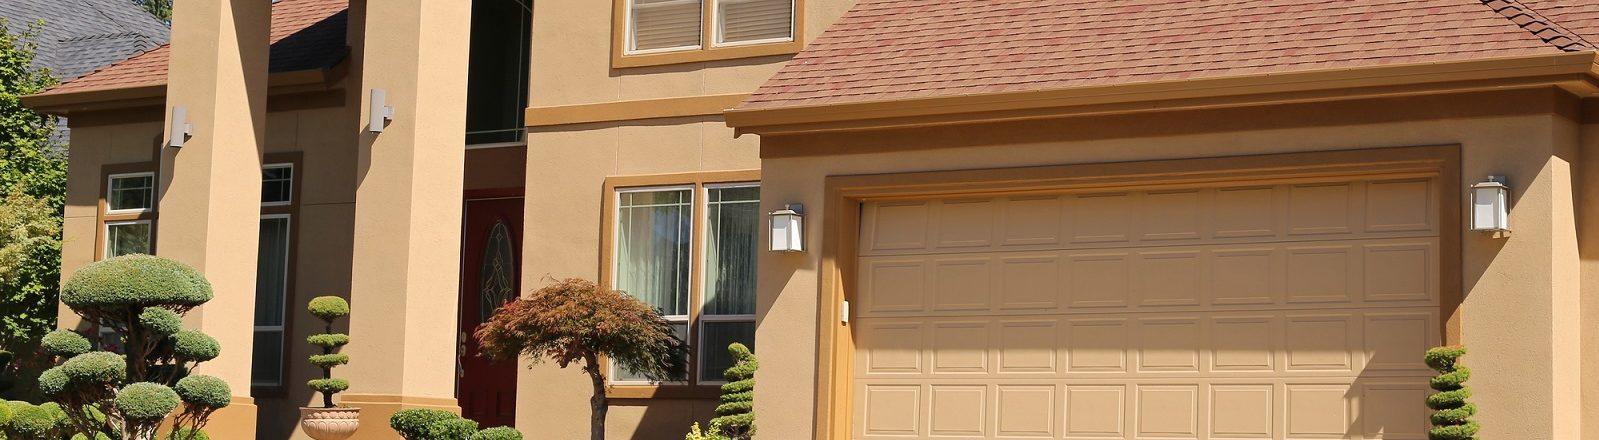 North Richland Hills Garage Doors